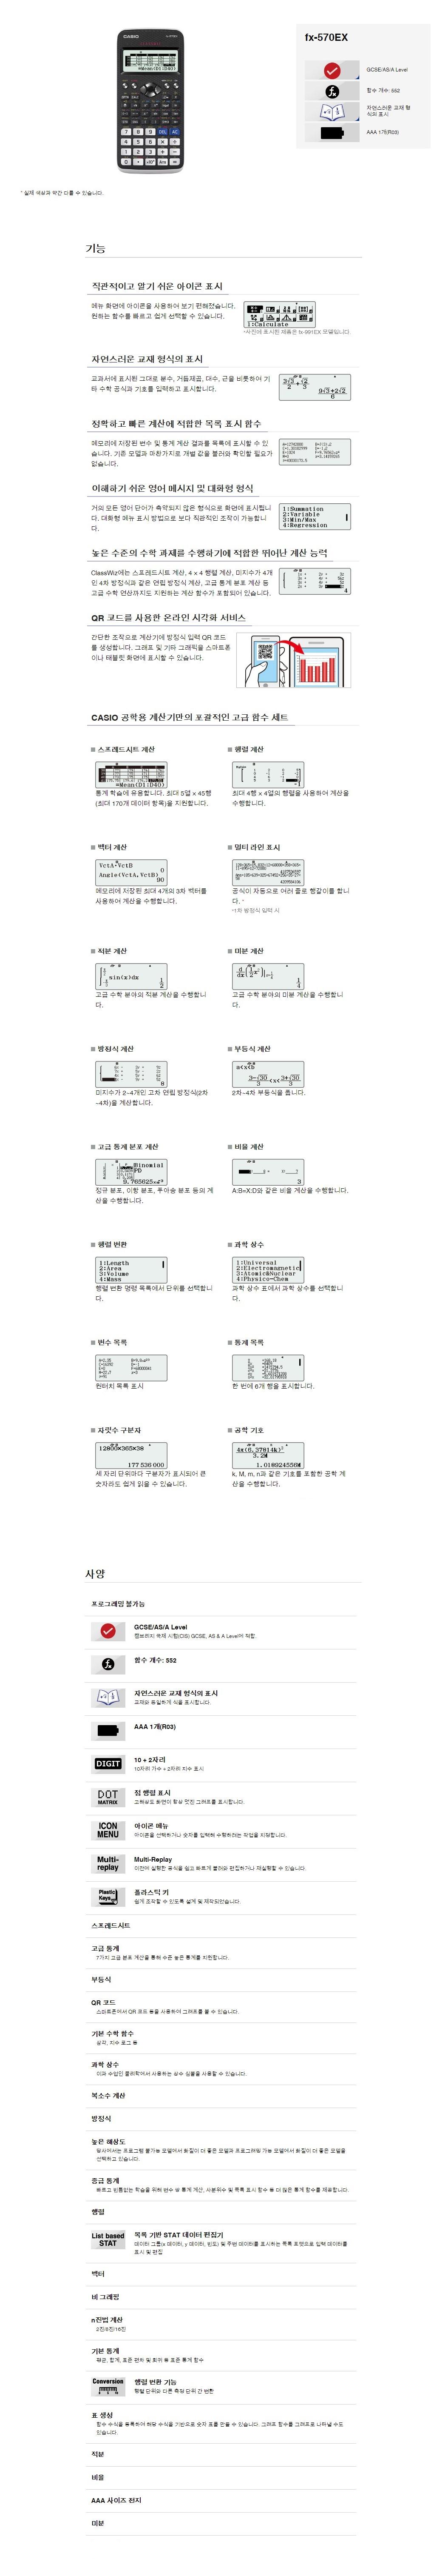 카시오 공학용 계산기 FX-570EX36,900원-오피스넥스디자인문구, 오피스 용품, 계산기, 공학용계산기바보사랑카시오 공학용 계산기 FX-570EX36,900원-오피스넥스디자인문구, 오피스 용품, 계산기, 공학용계산기바보사랑